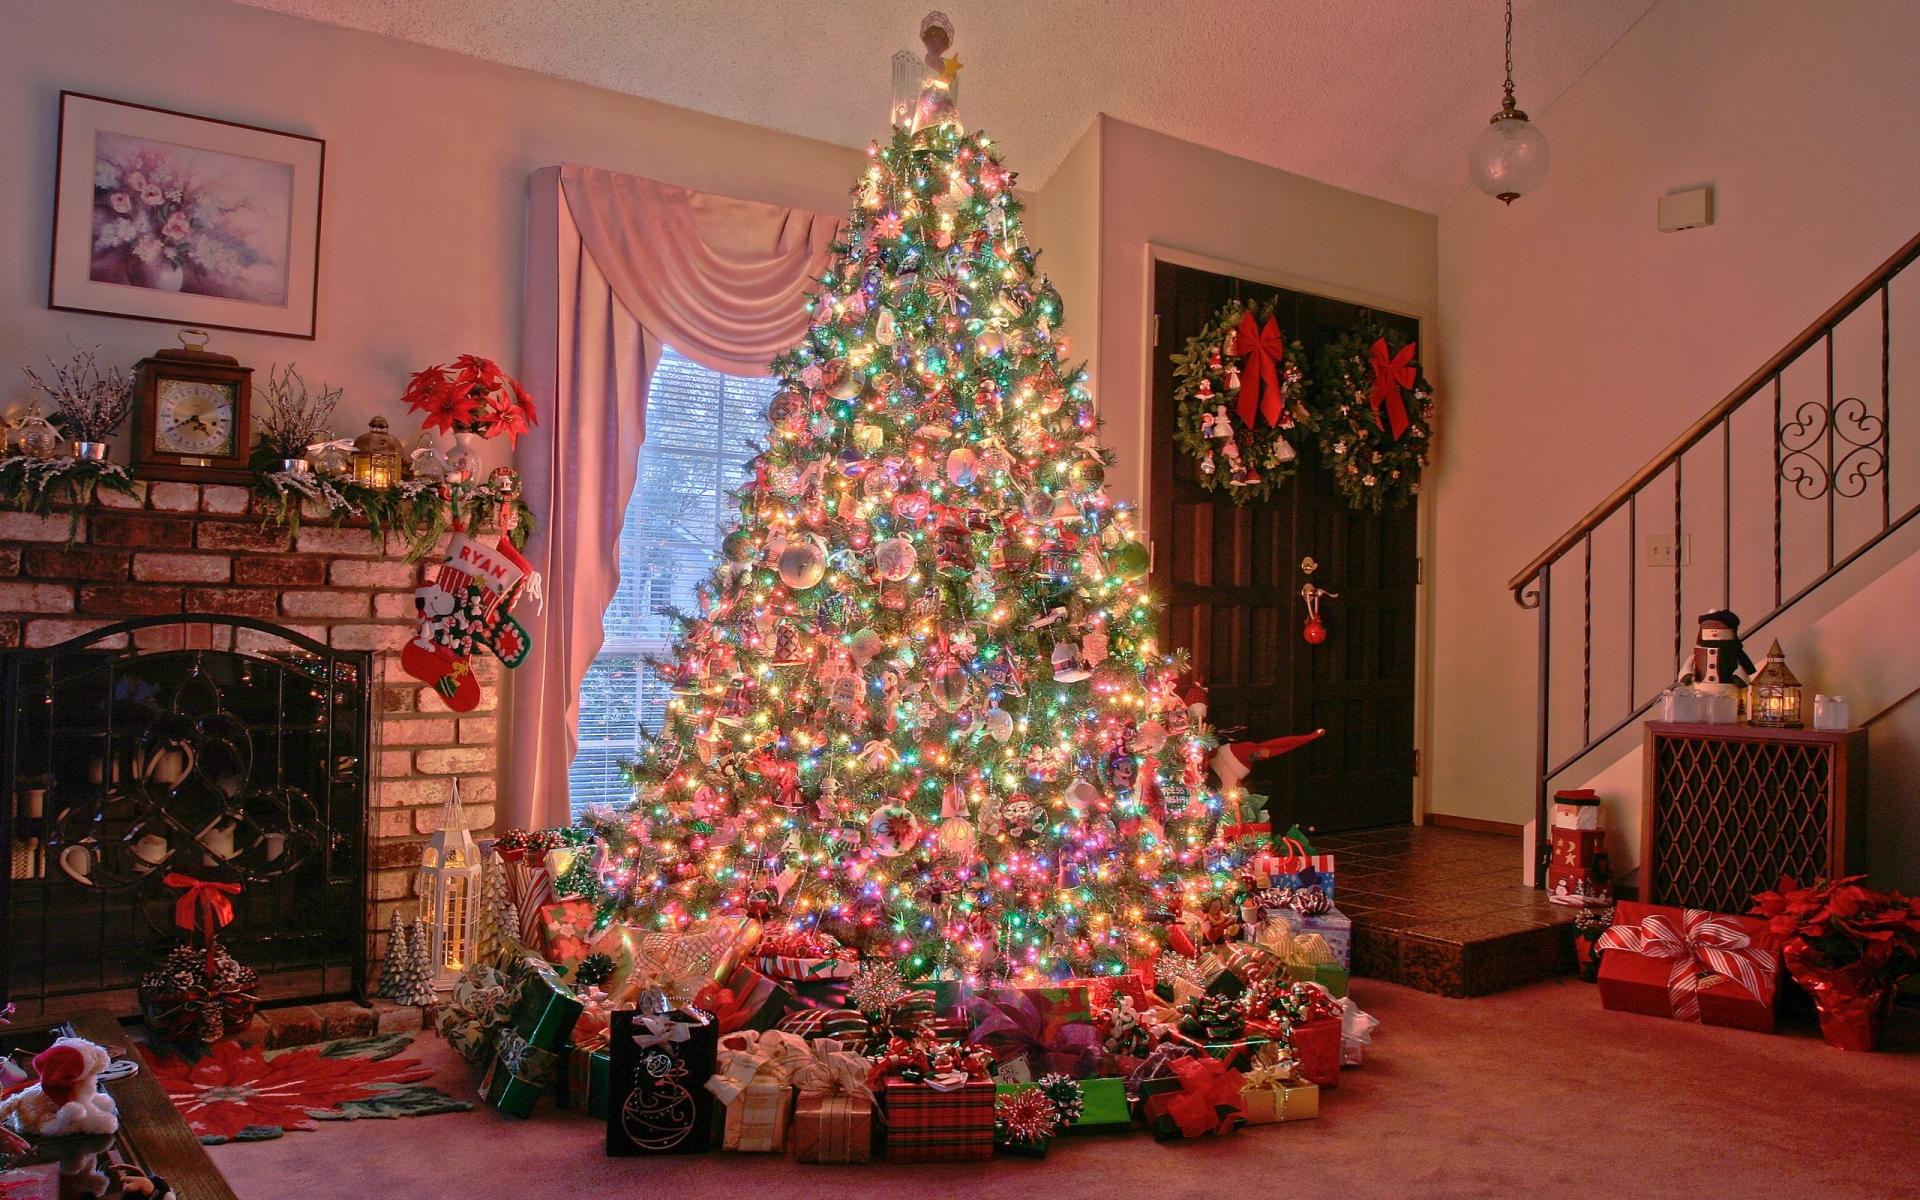 Arbol de navidad y decenas de regalos - 1920x1200